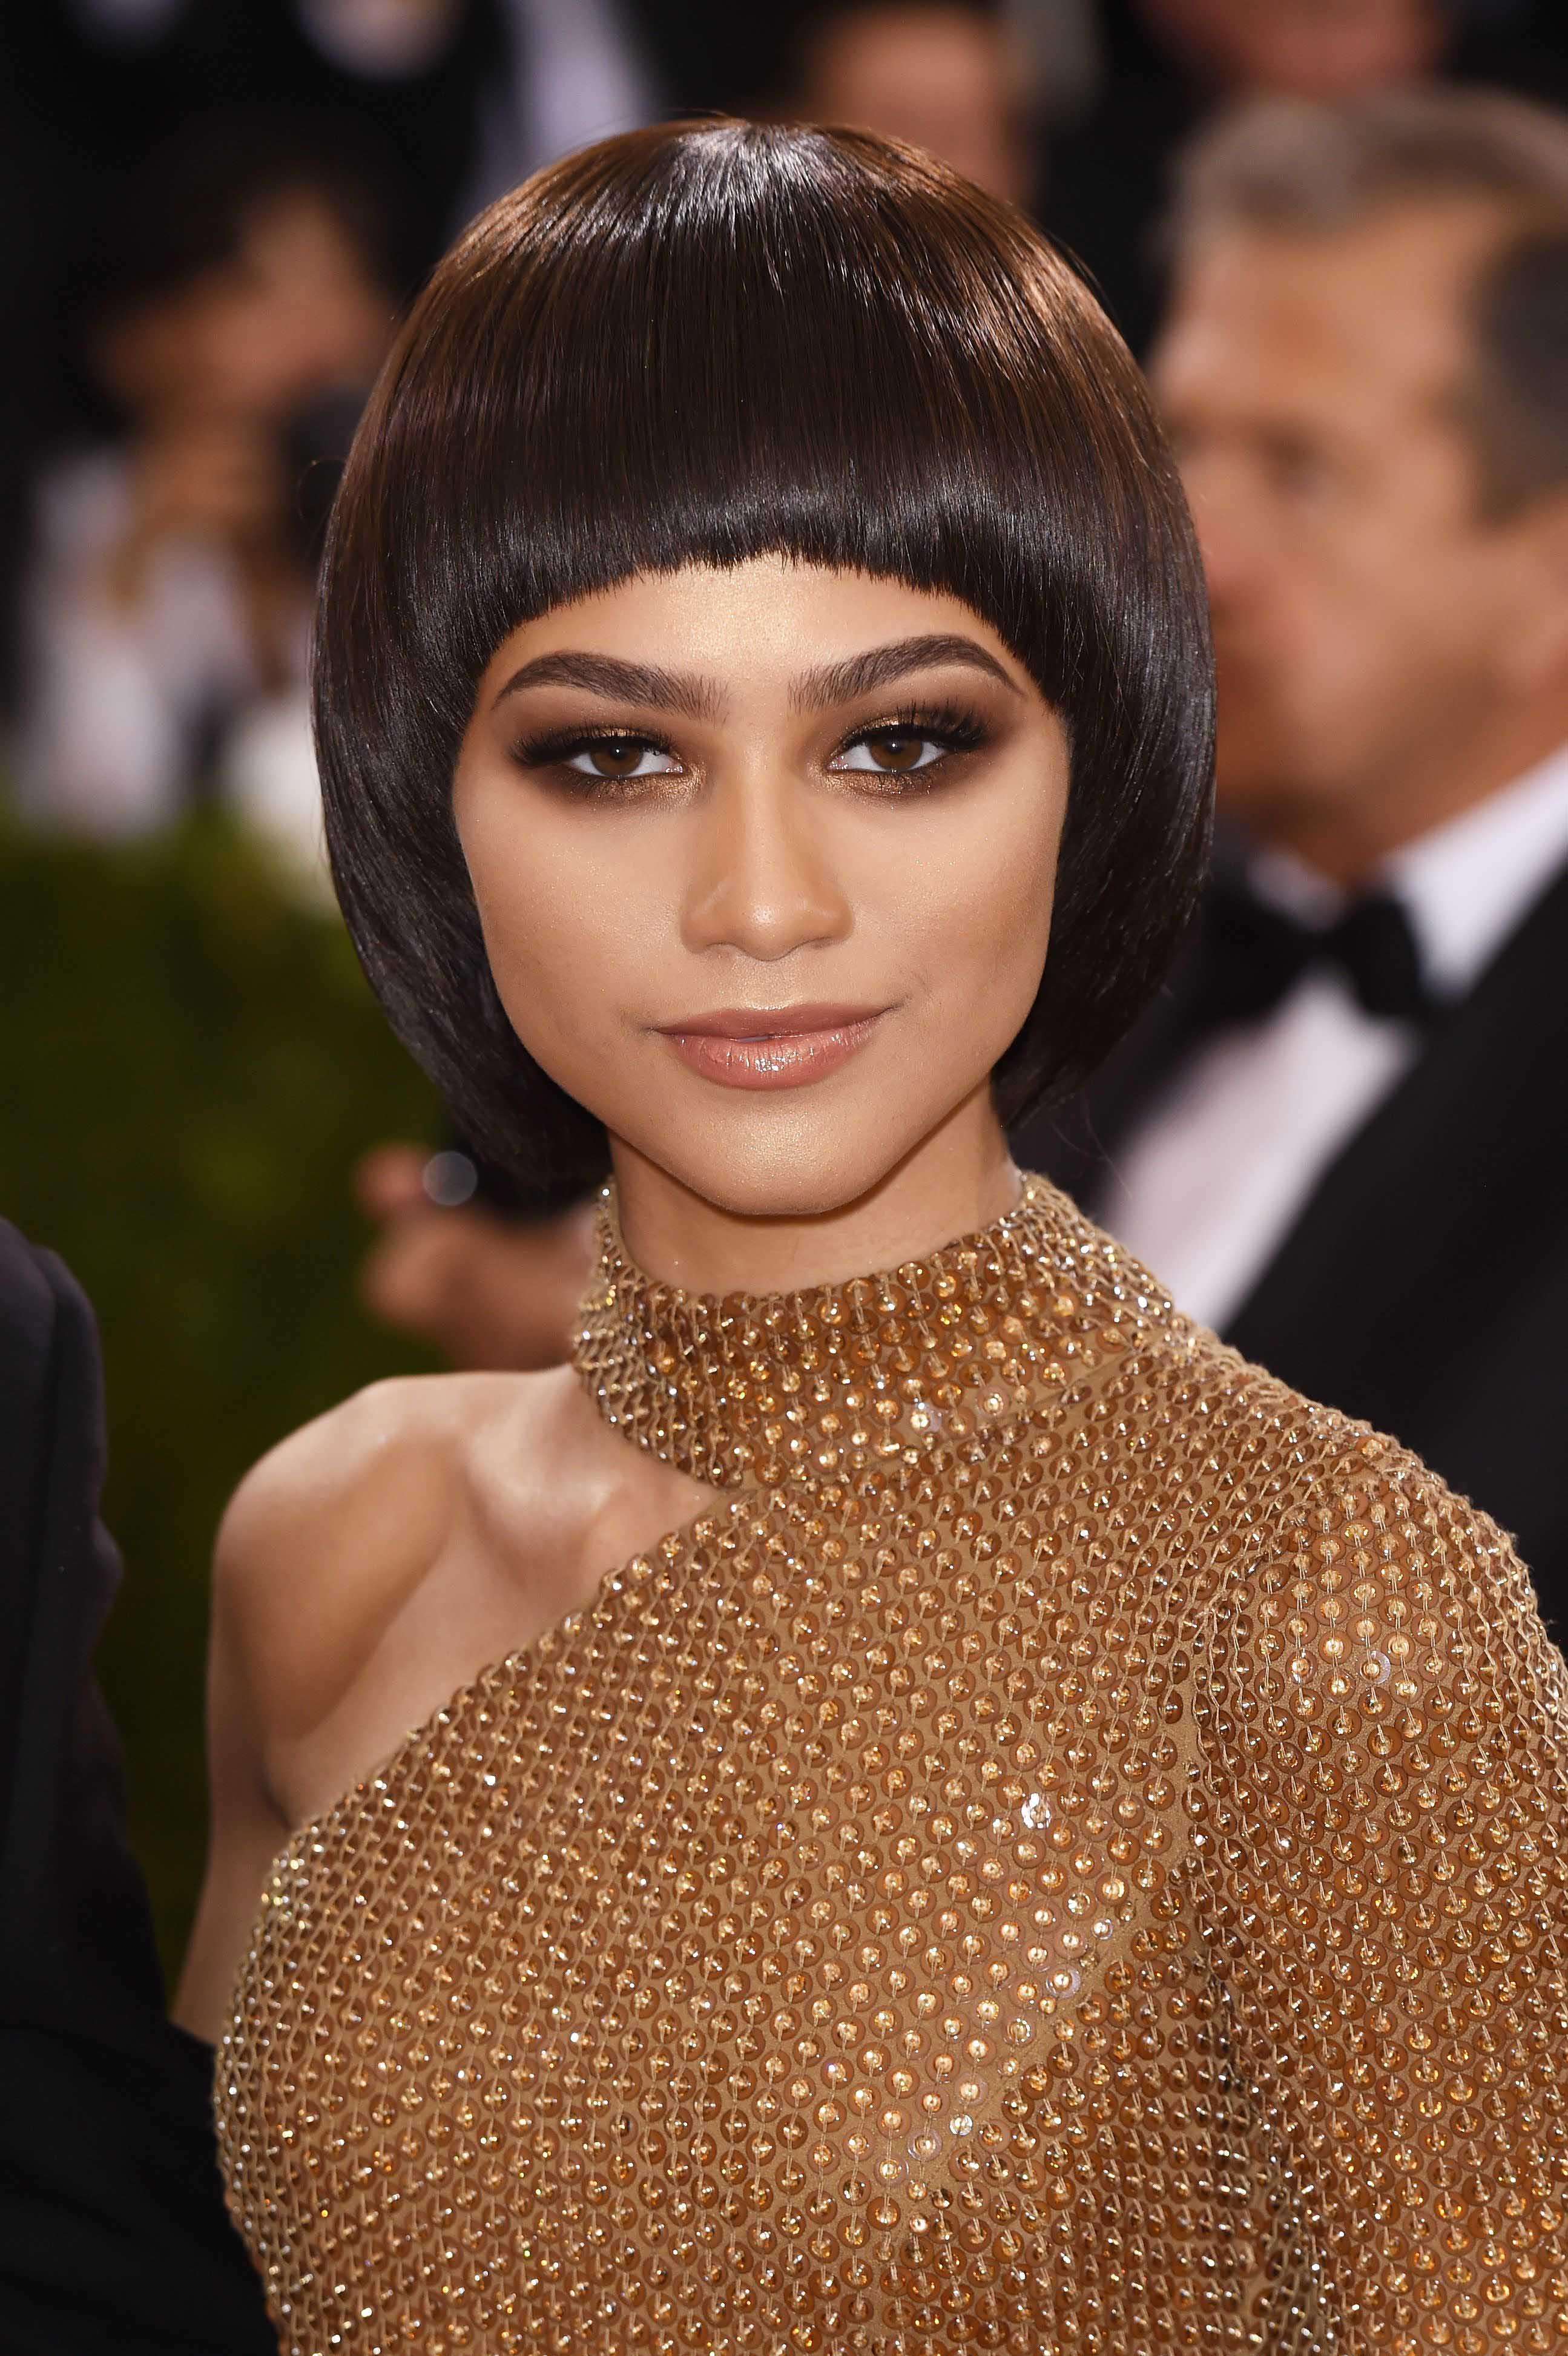 bowl cut: All Things Hair - IMAGE - Zendaya shiny brown hair short haircut